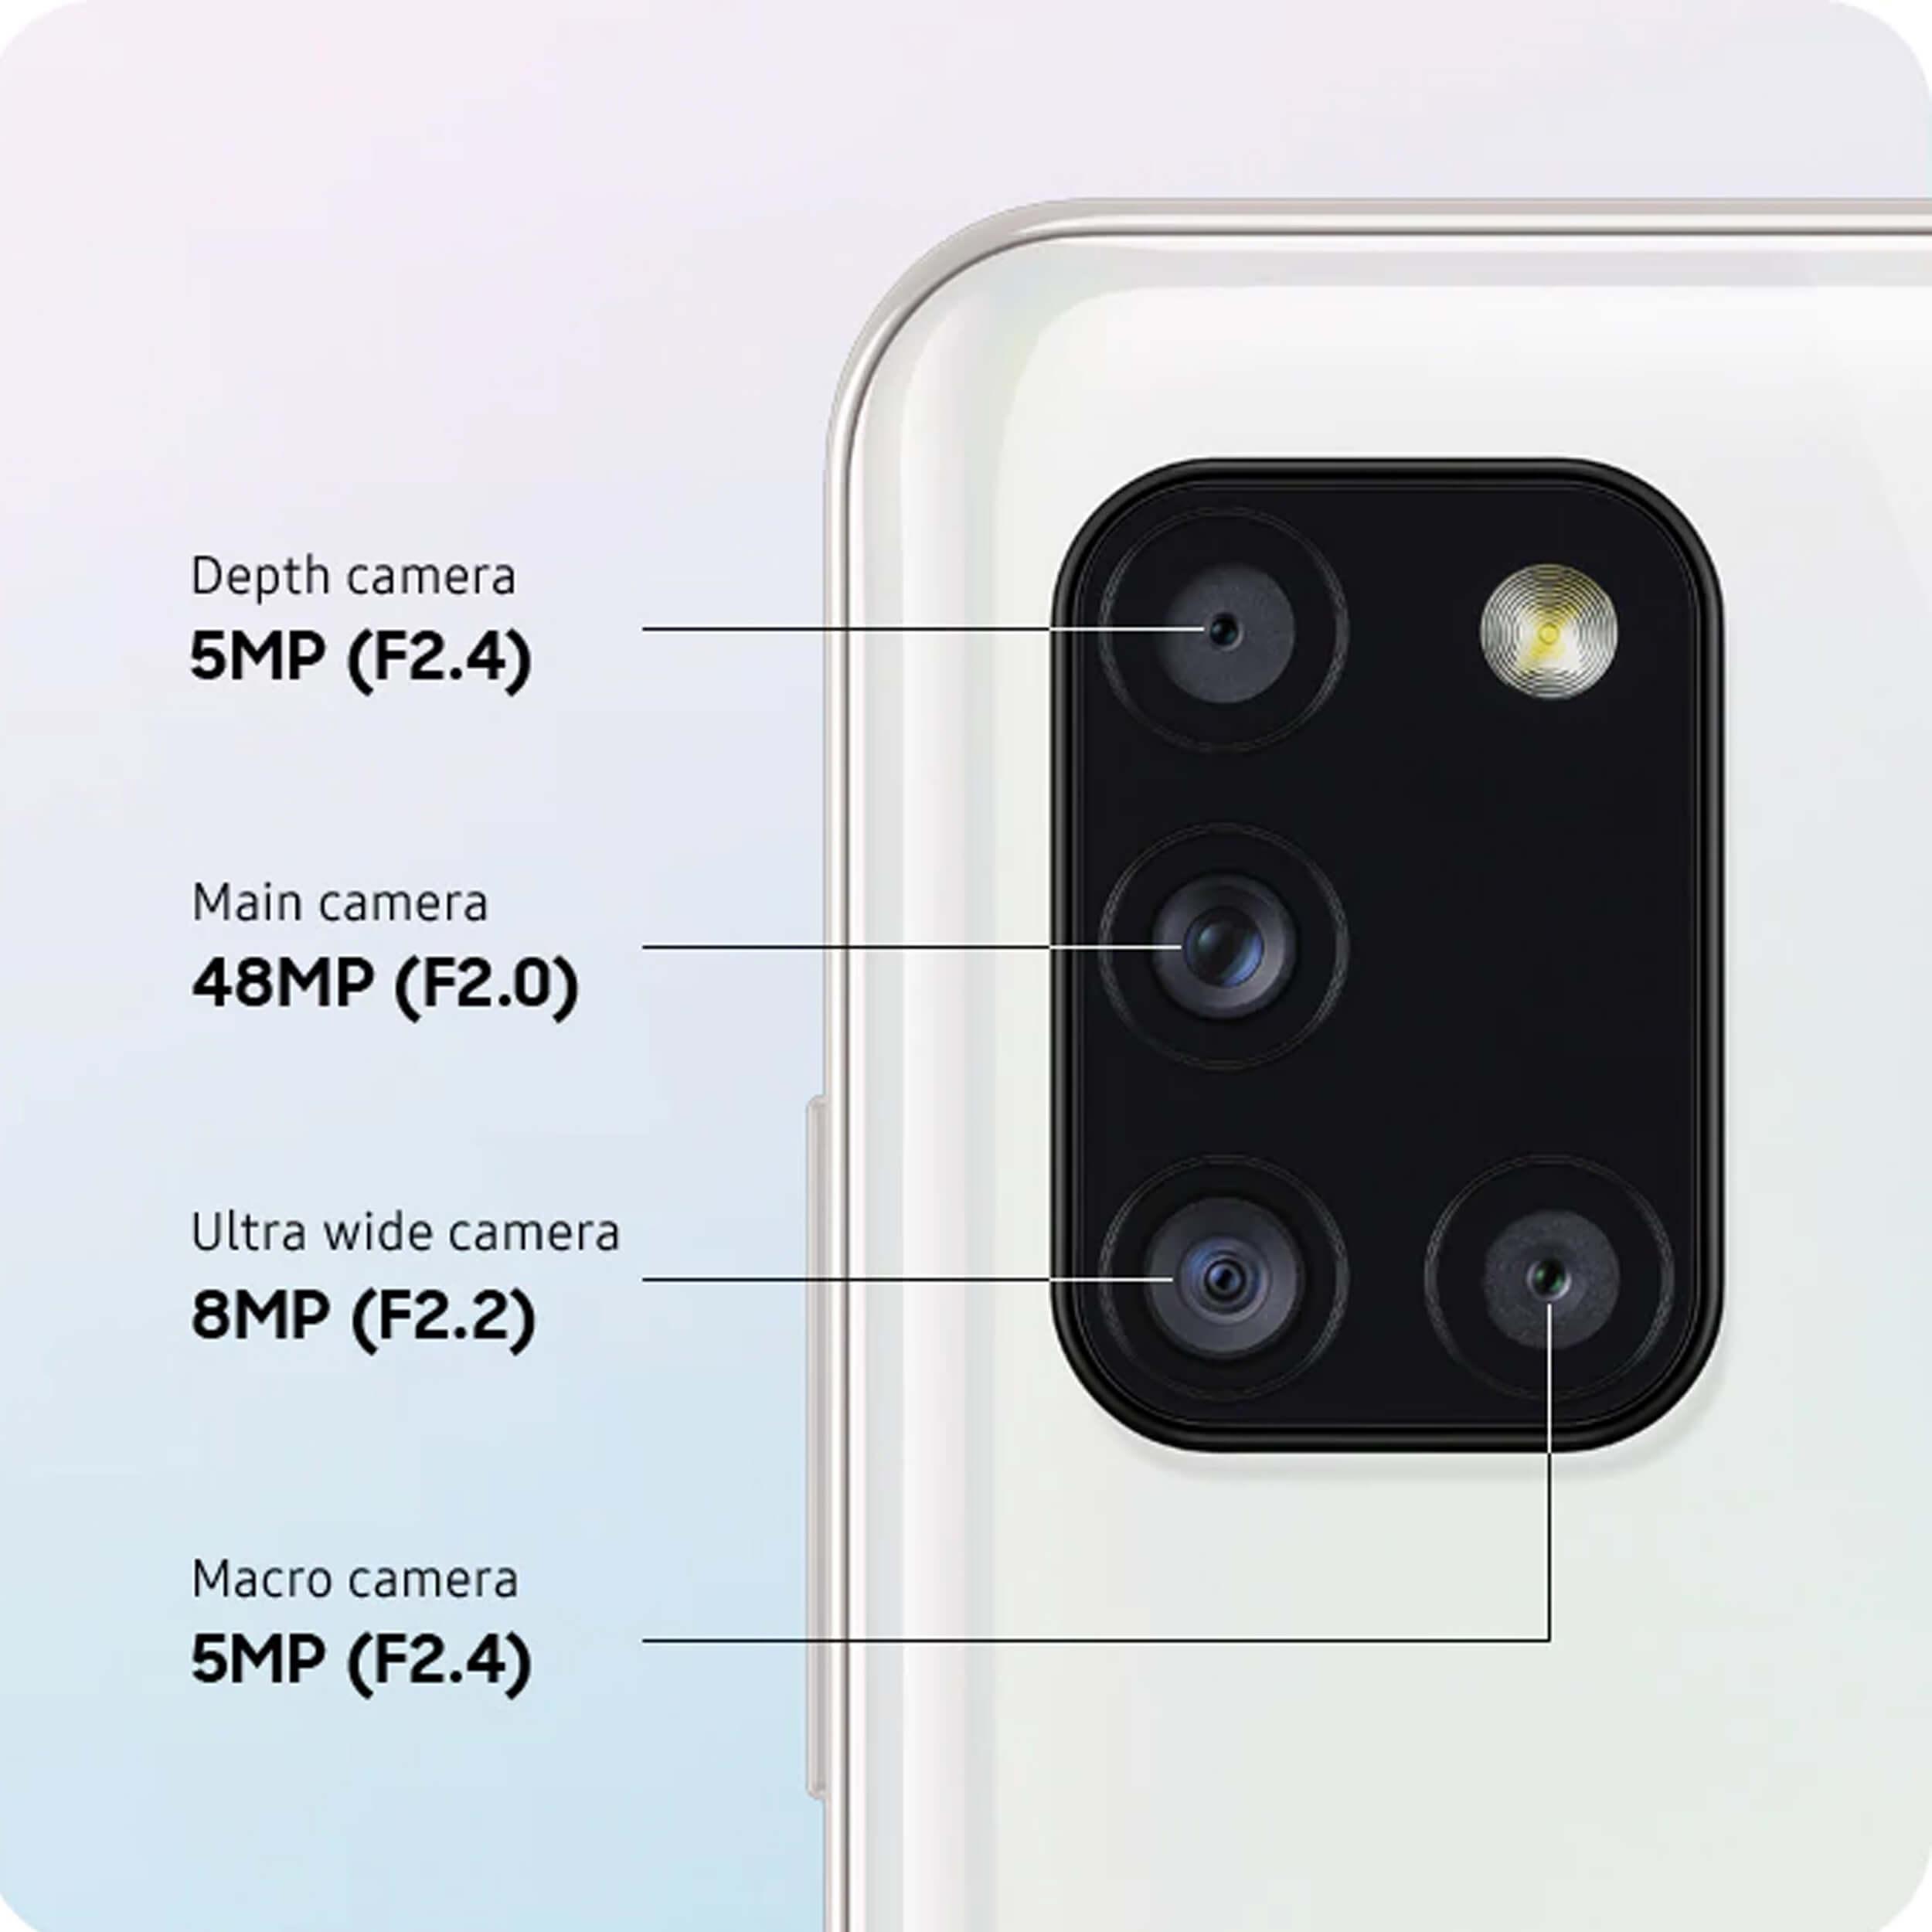 اطلاعات دوربین گوشی موبایل سامسونگ  Galaxy A31 دوسیم کارت 128 گیگابایت